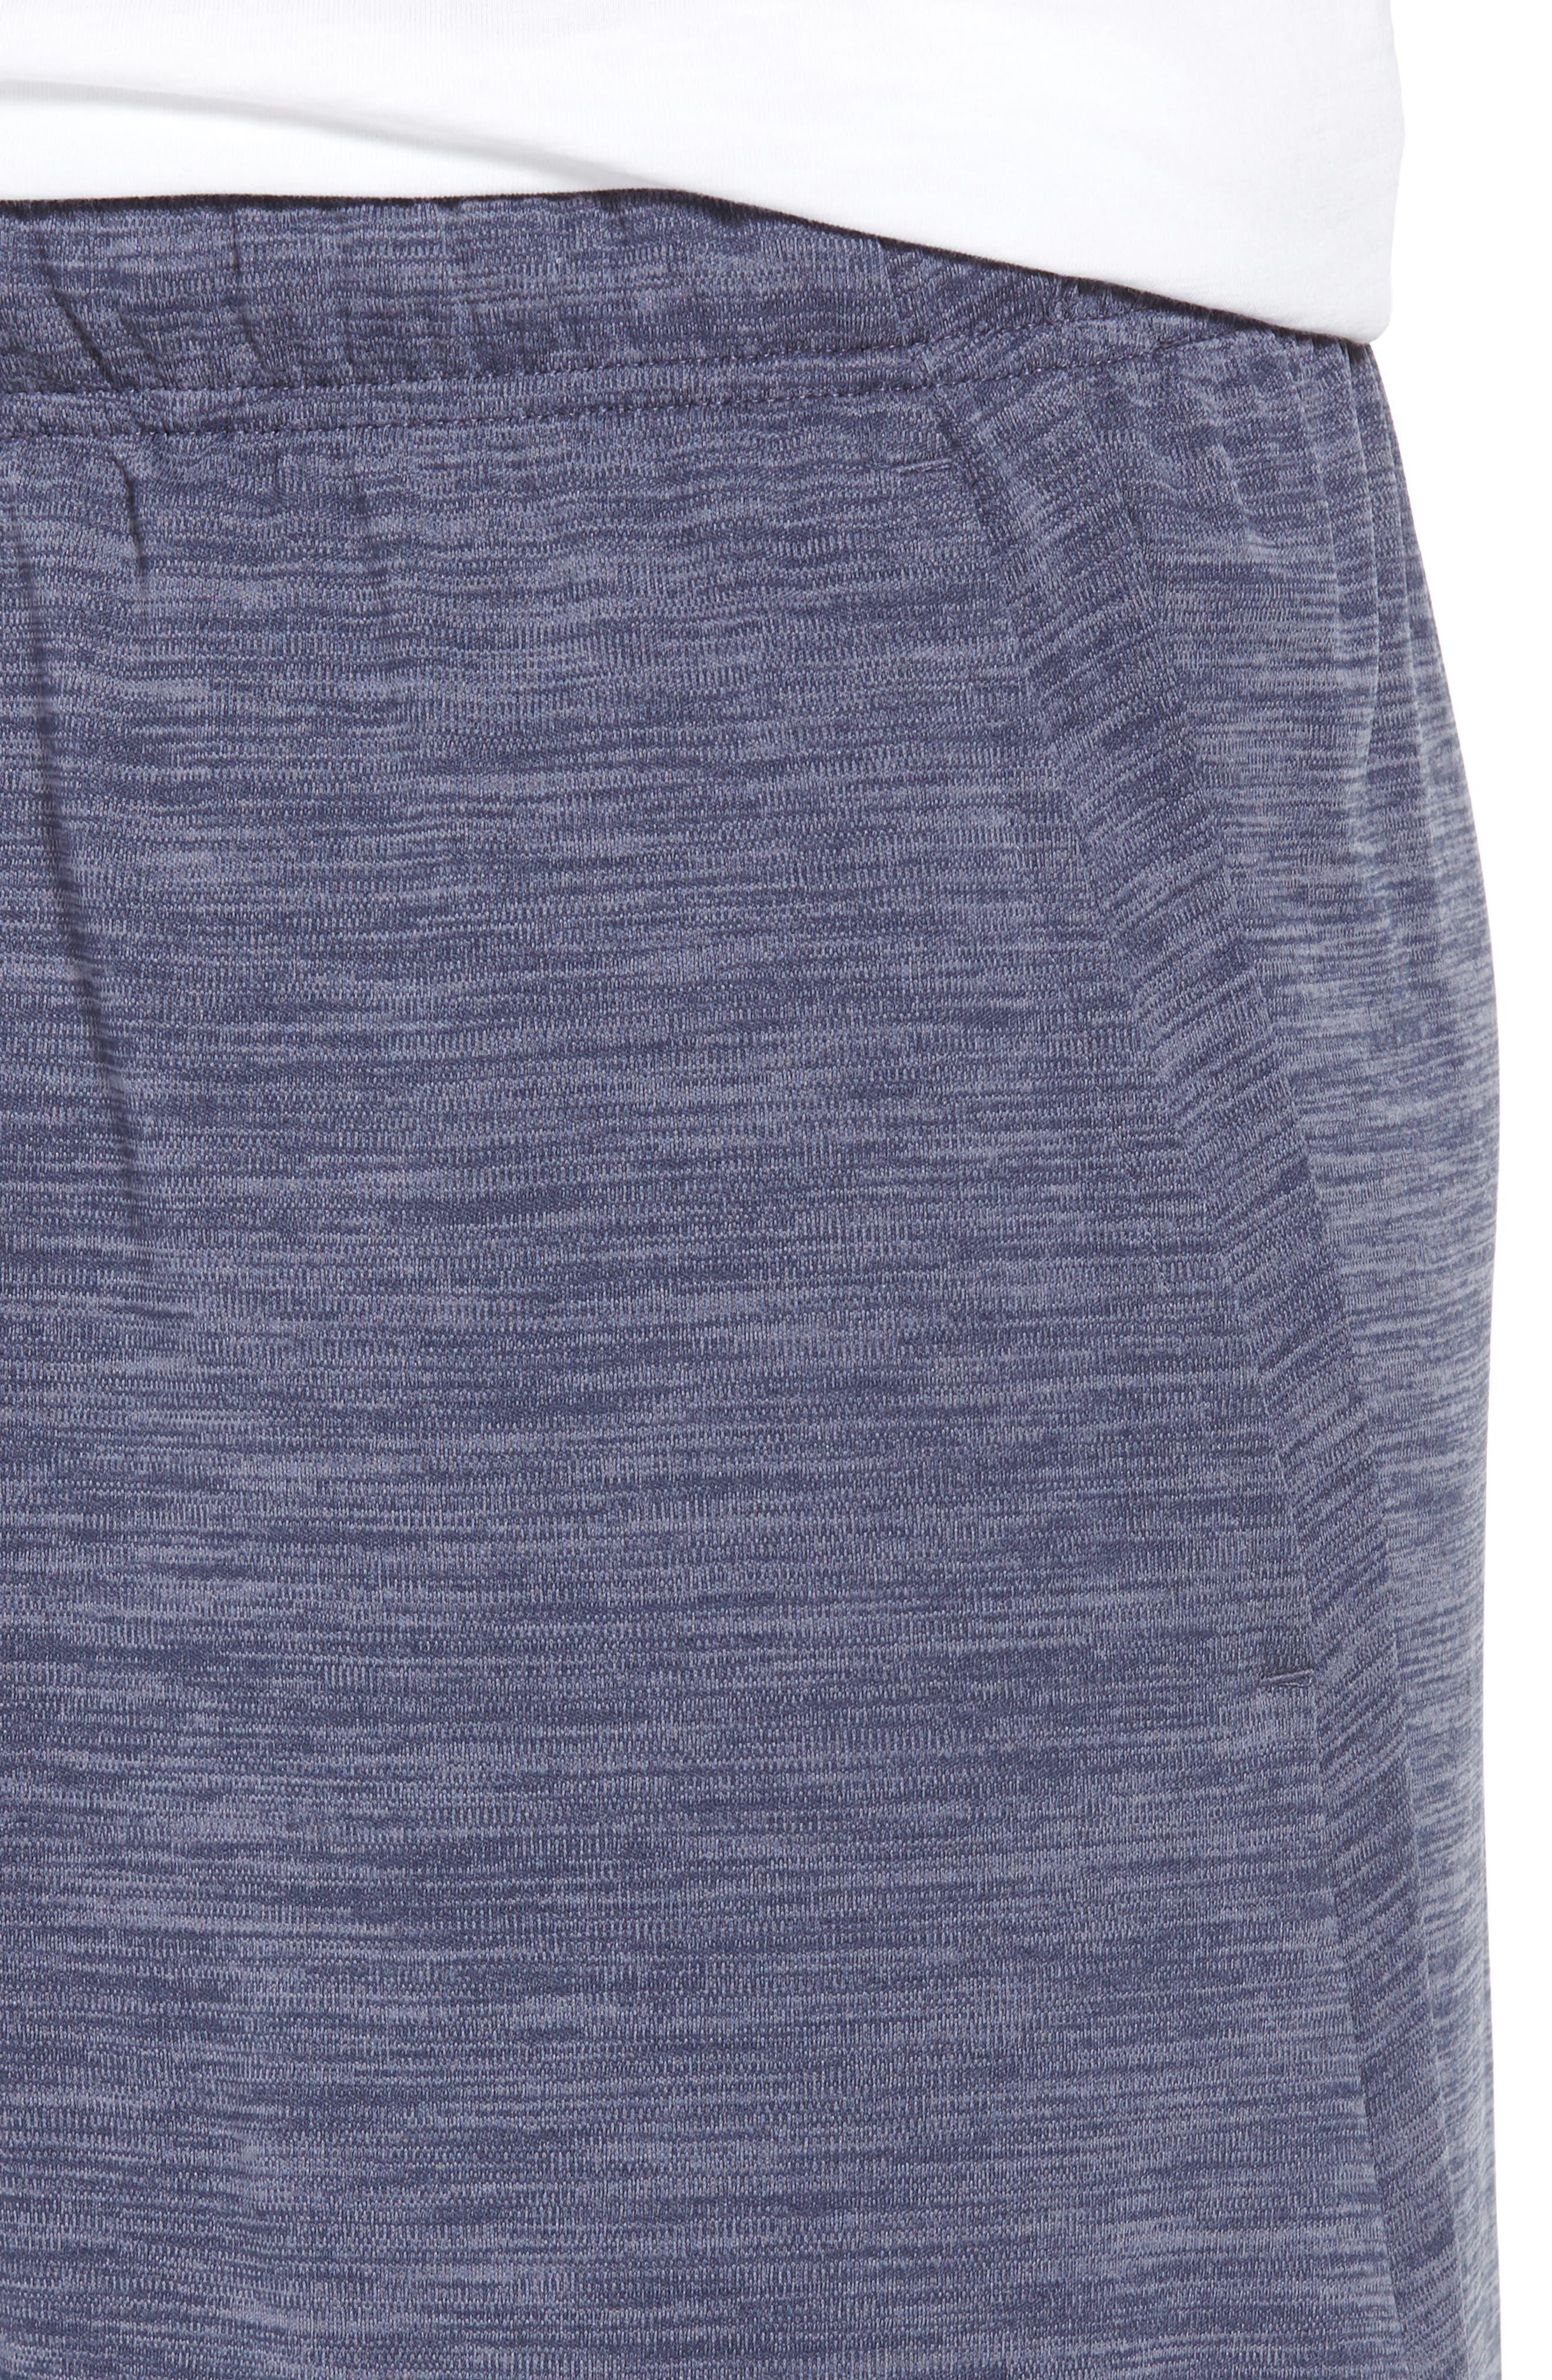 Dry Training Shorts,                             Alternate thumbnail 4, color,                             LIGHT CARBON/ BLACK